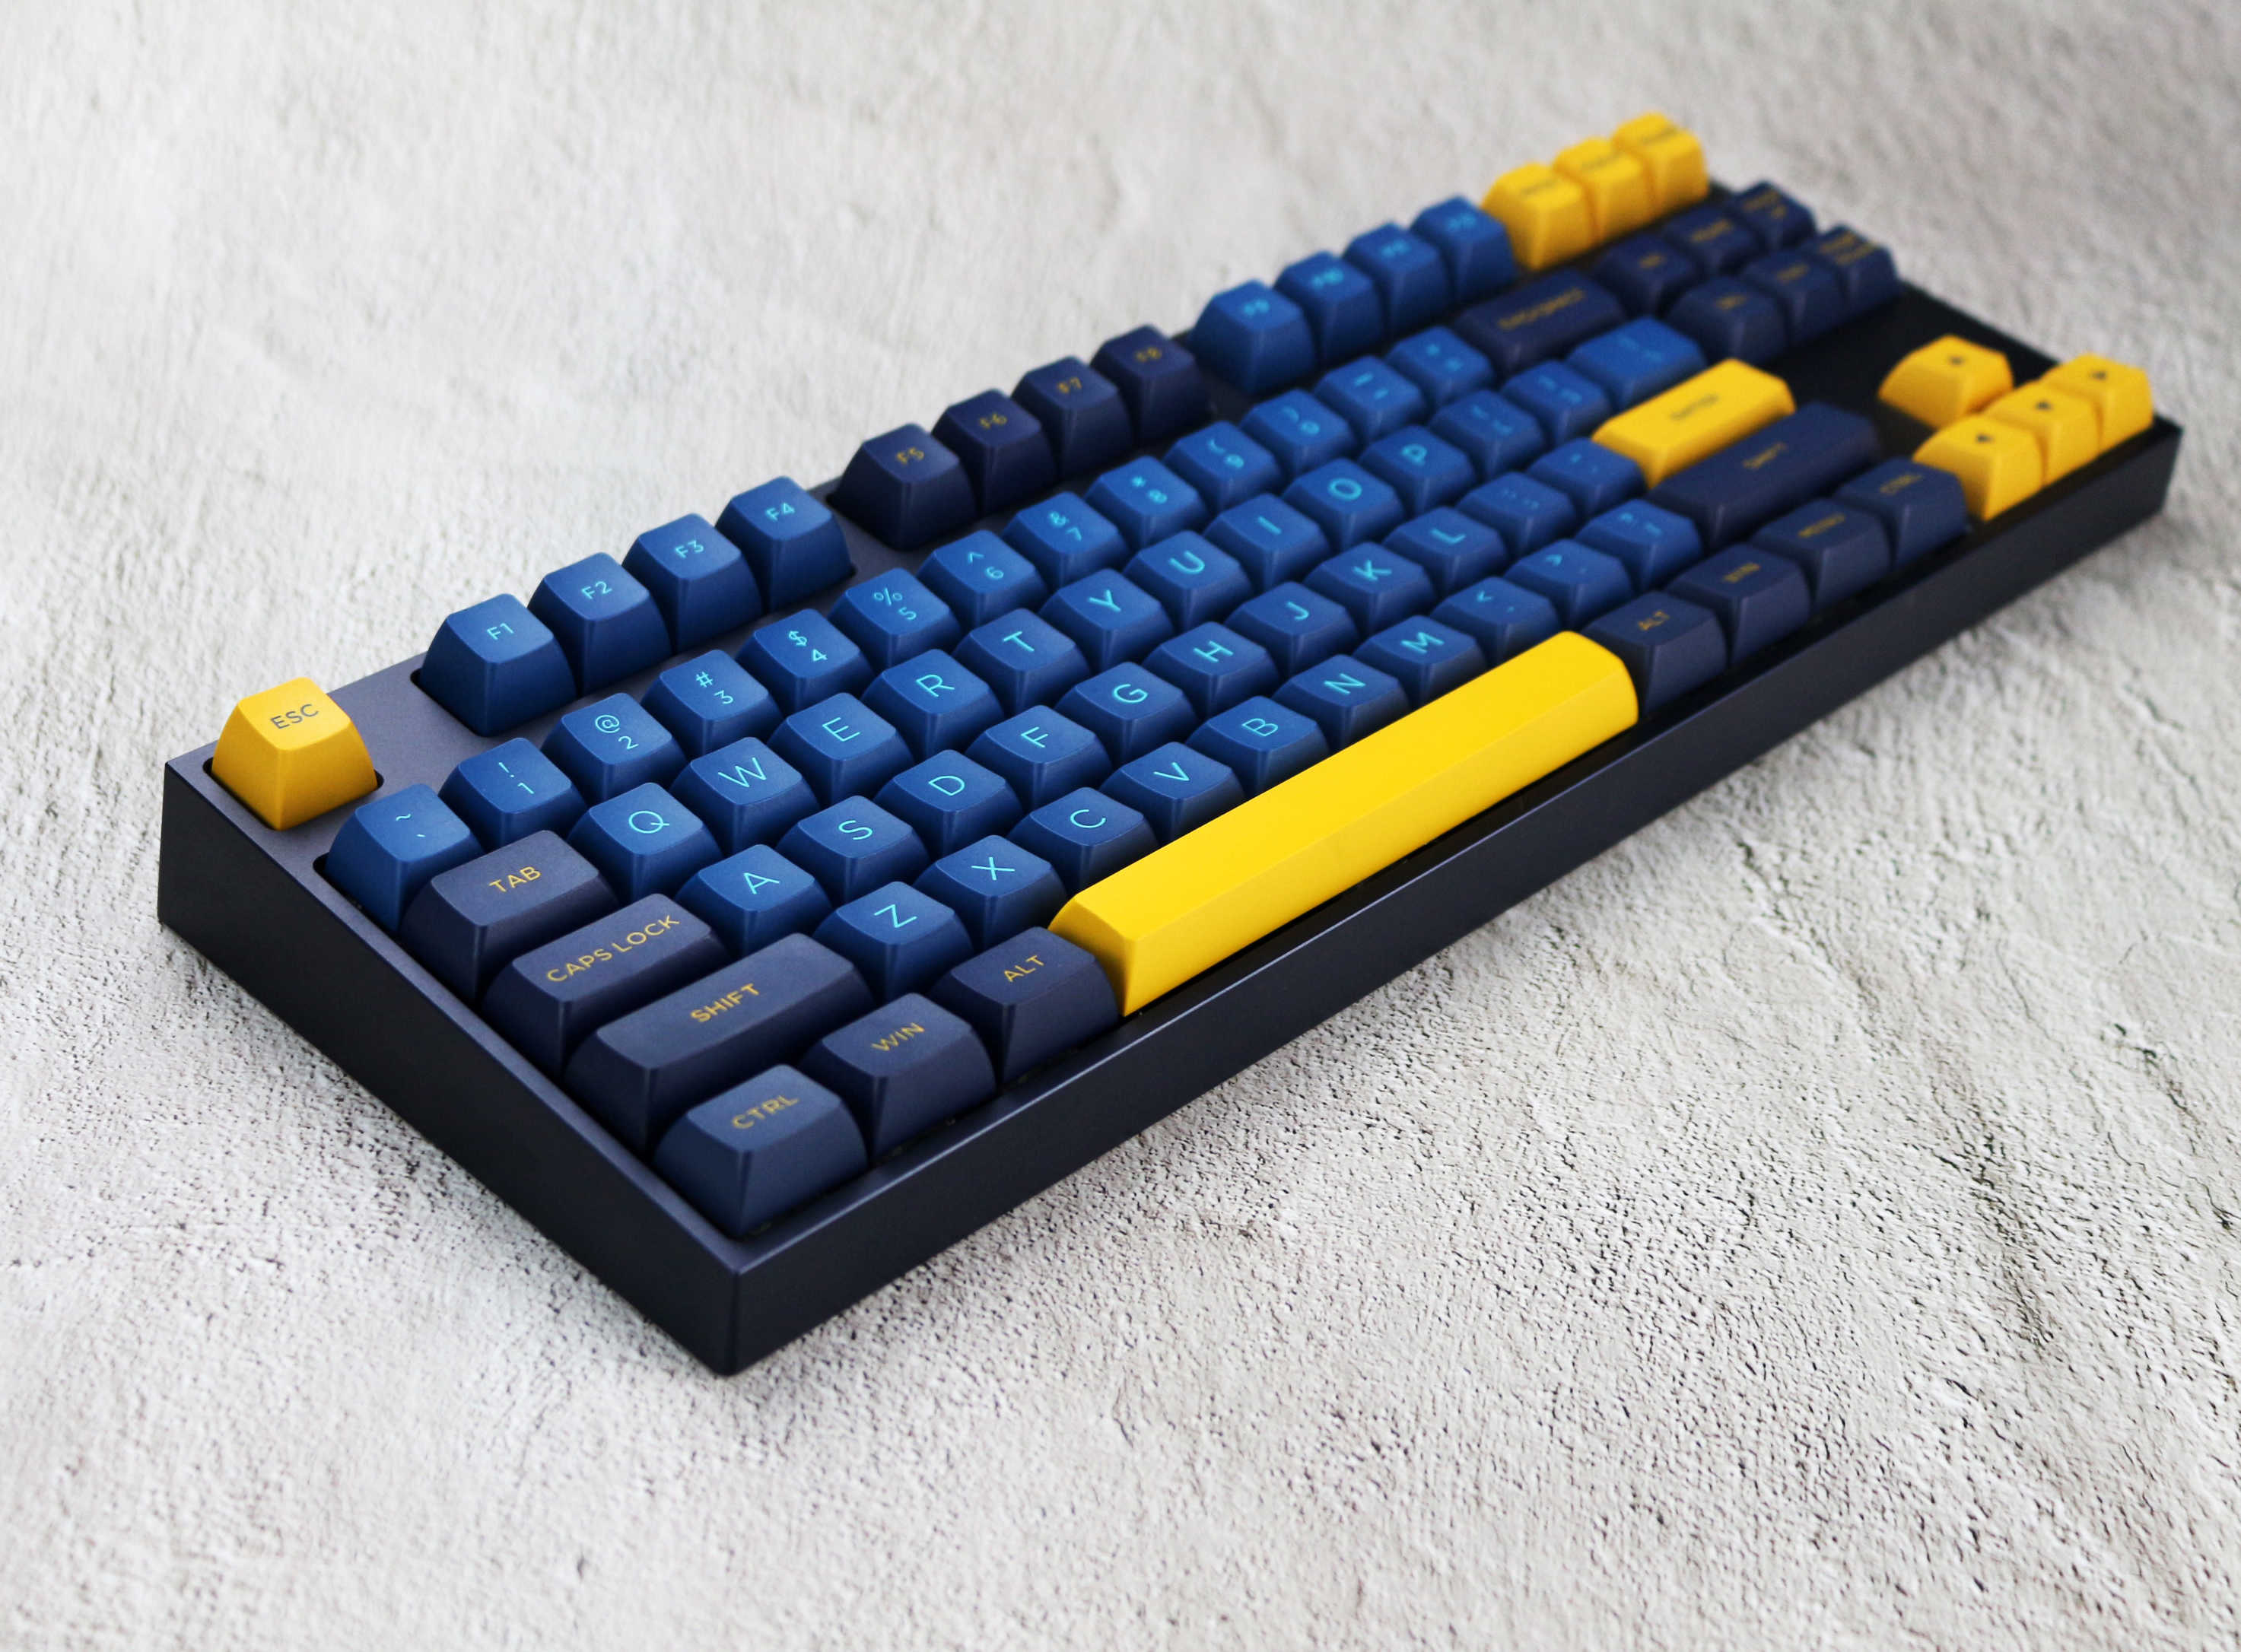 MP 深夜 166 キー OSA PBT ダブルショットキーキャップチェリー MX スイッチキーキャップ有線 USB メカニカルゲーミングキーボード